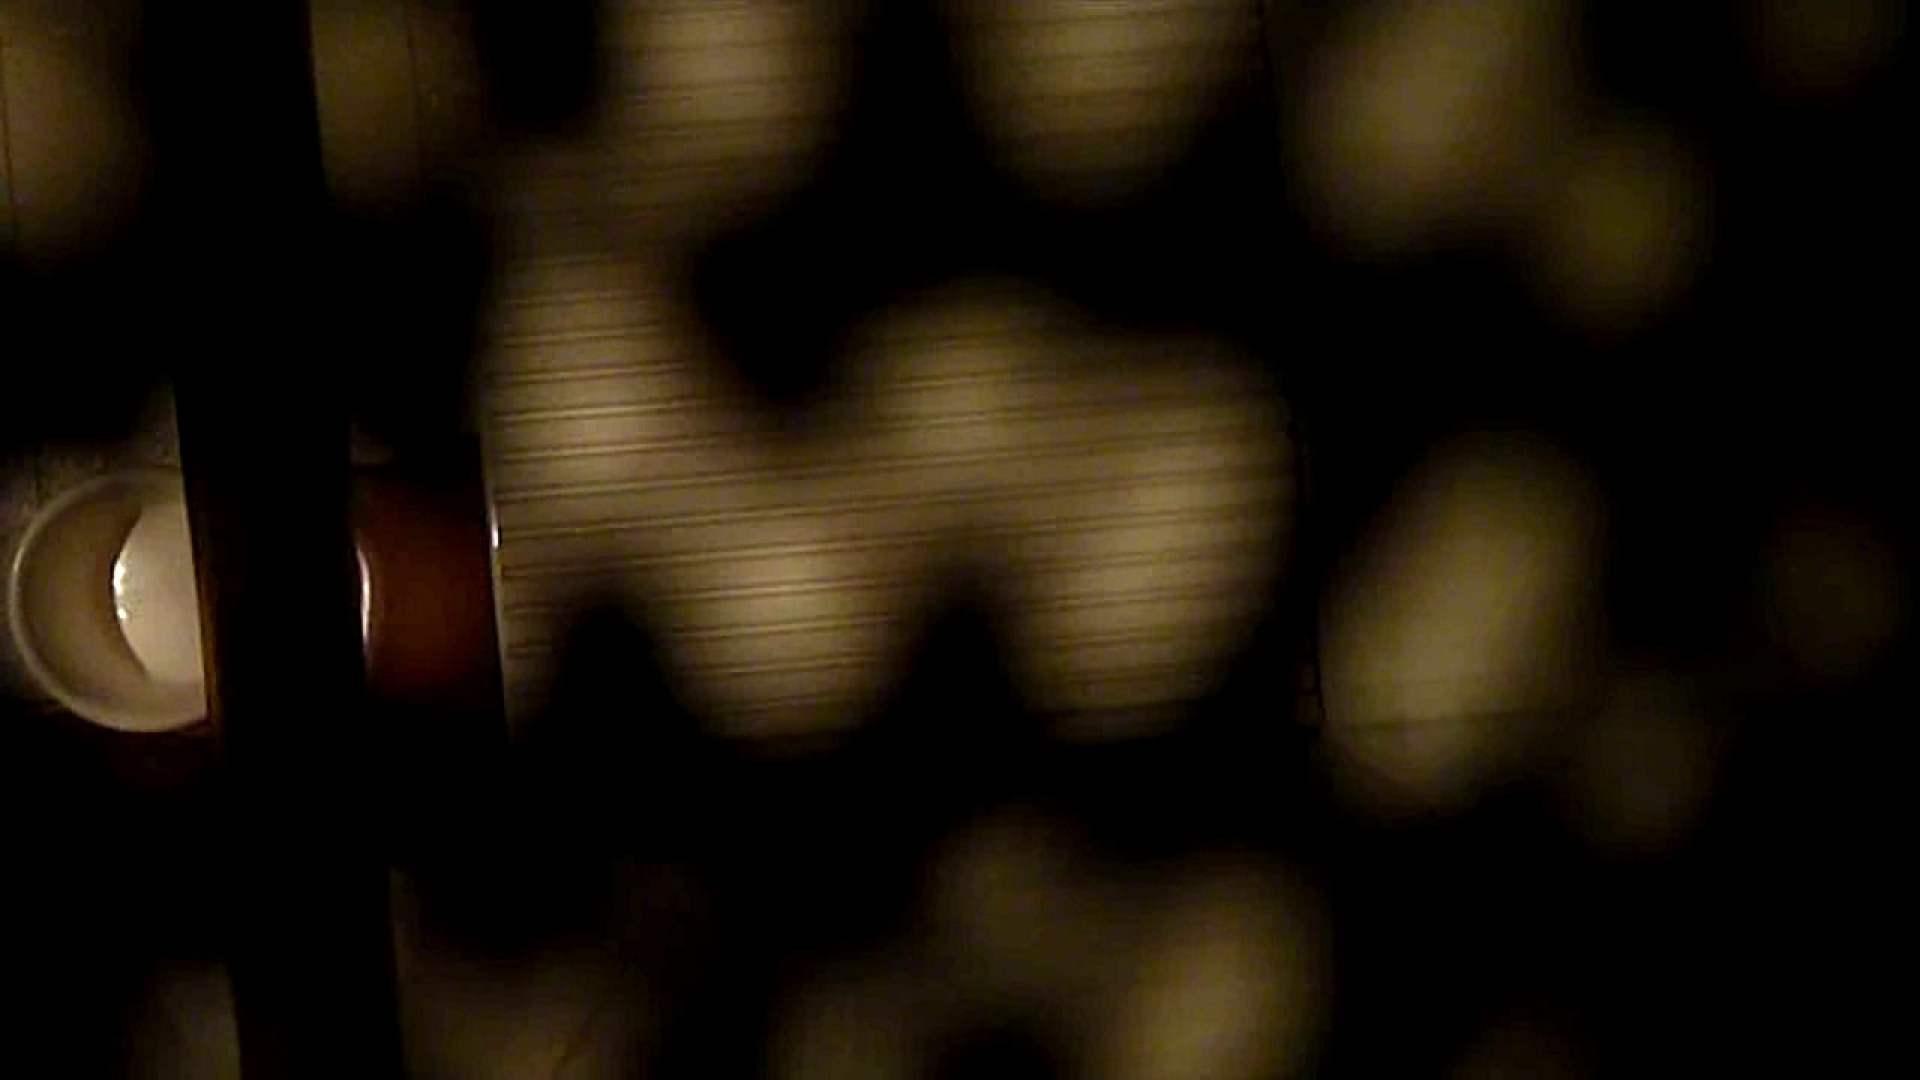 vol.1 Mayumi 窓越しに入浴シーン撮影に成功 OL   入浴シーン  89連発 68